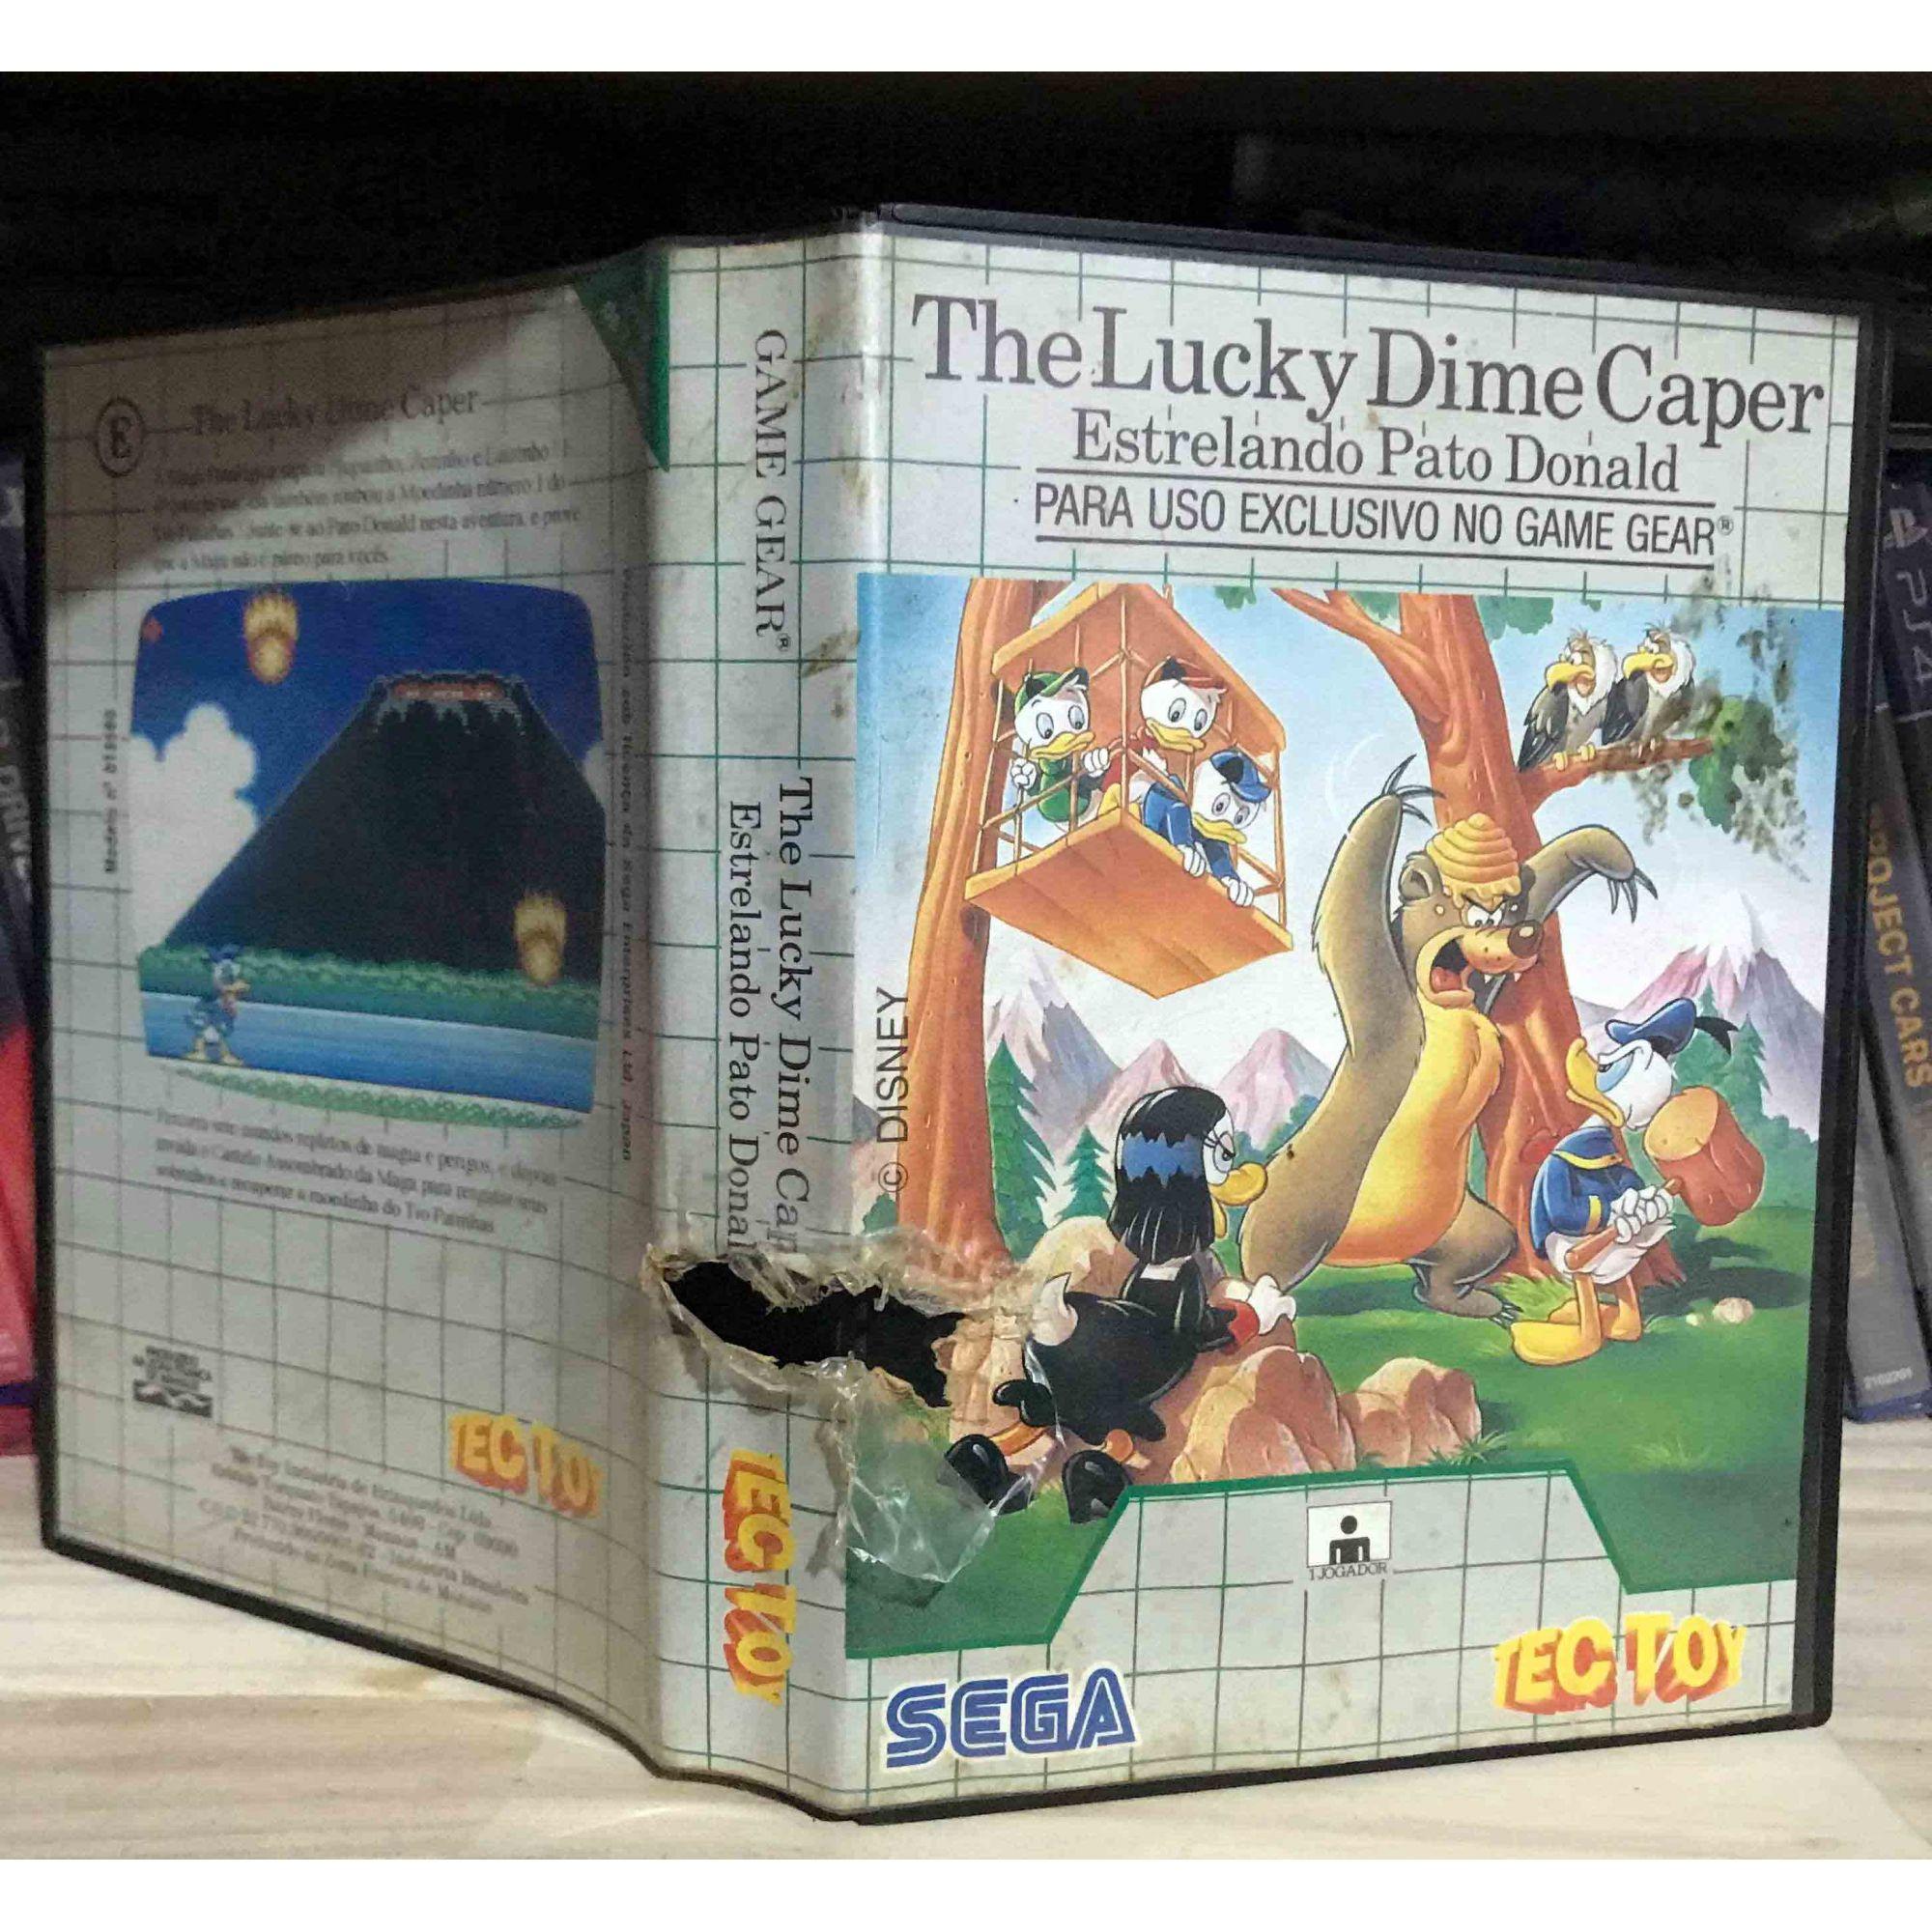 The Lucky Dime Caper - Estrelando Pato Donald - Game Gear - USADO